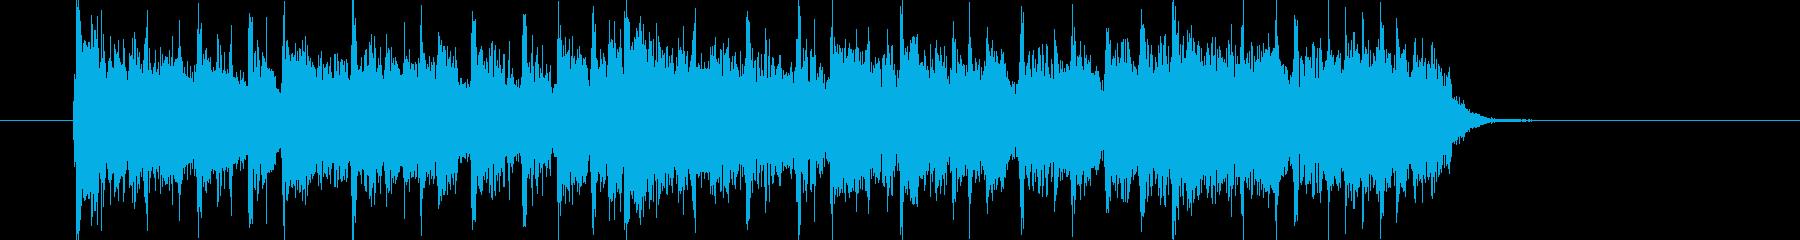 臨場感がありエレクトーンが印象的なロックの再生済みの波形